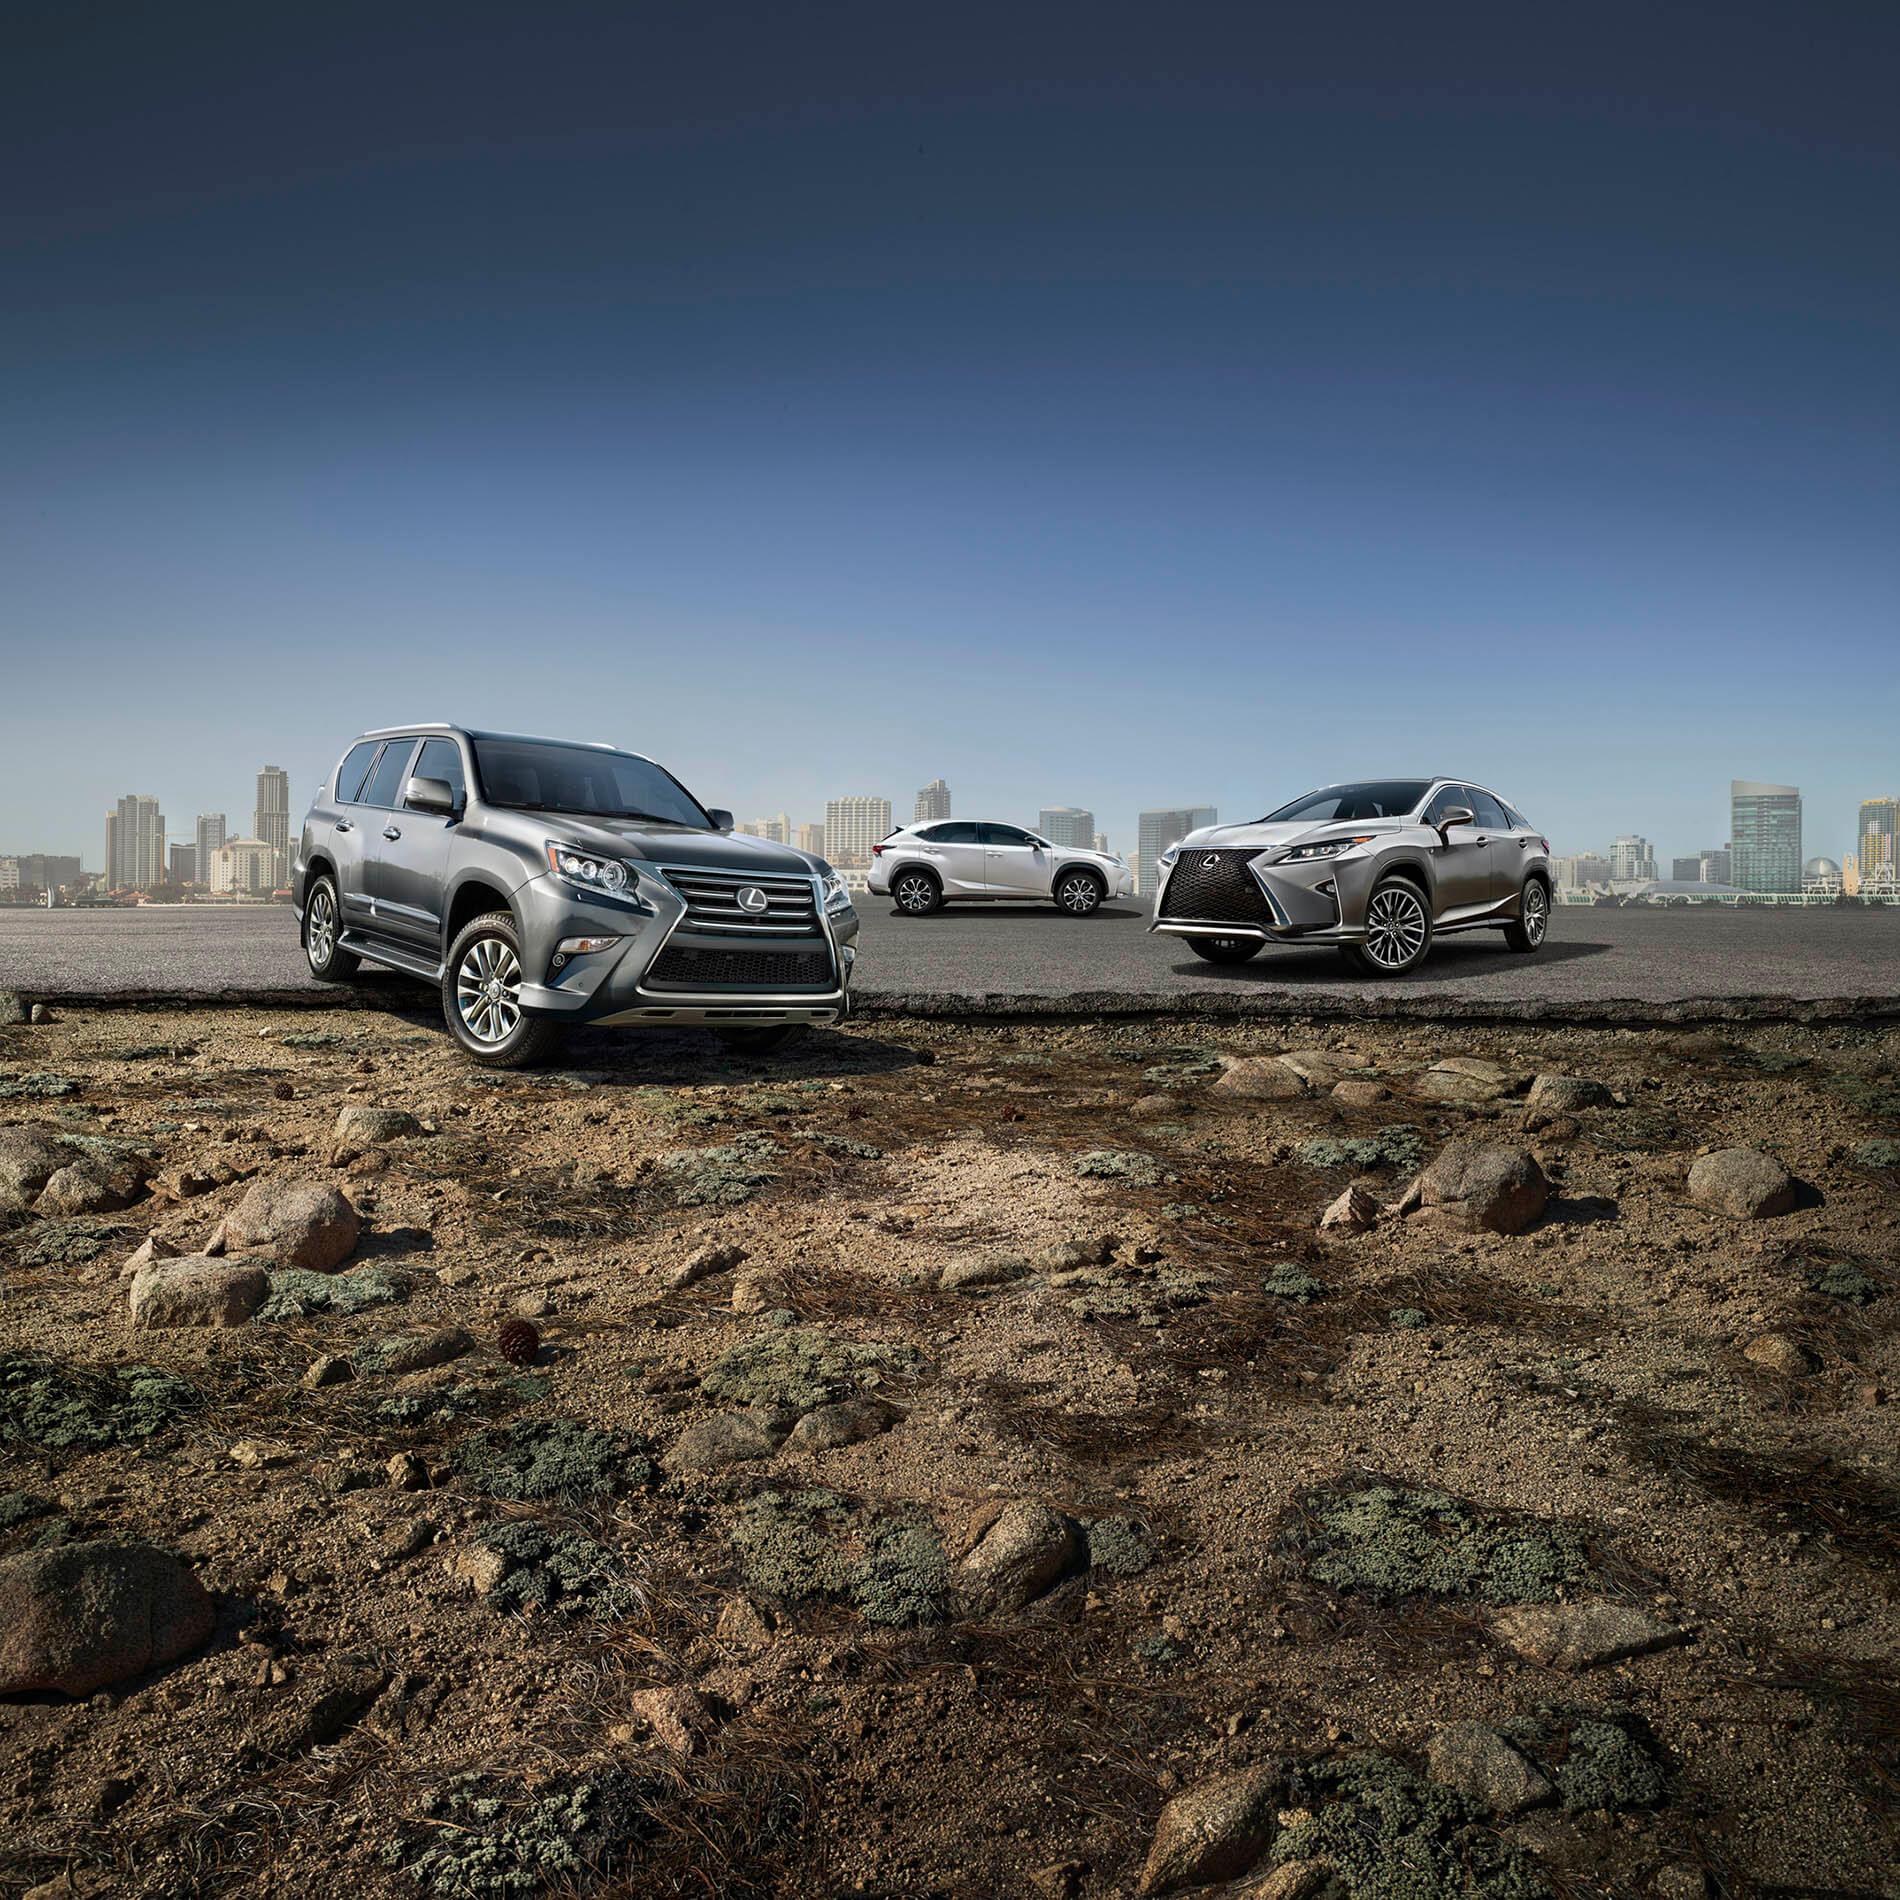 Bernstein Lexus LX & LS / SUV Lineup